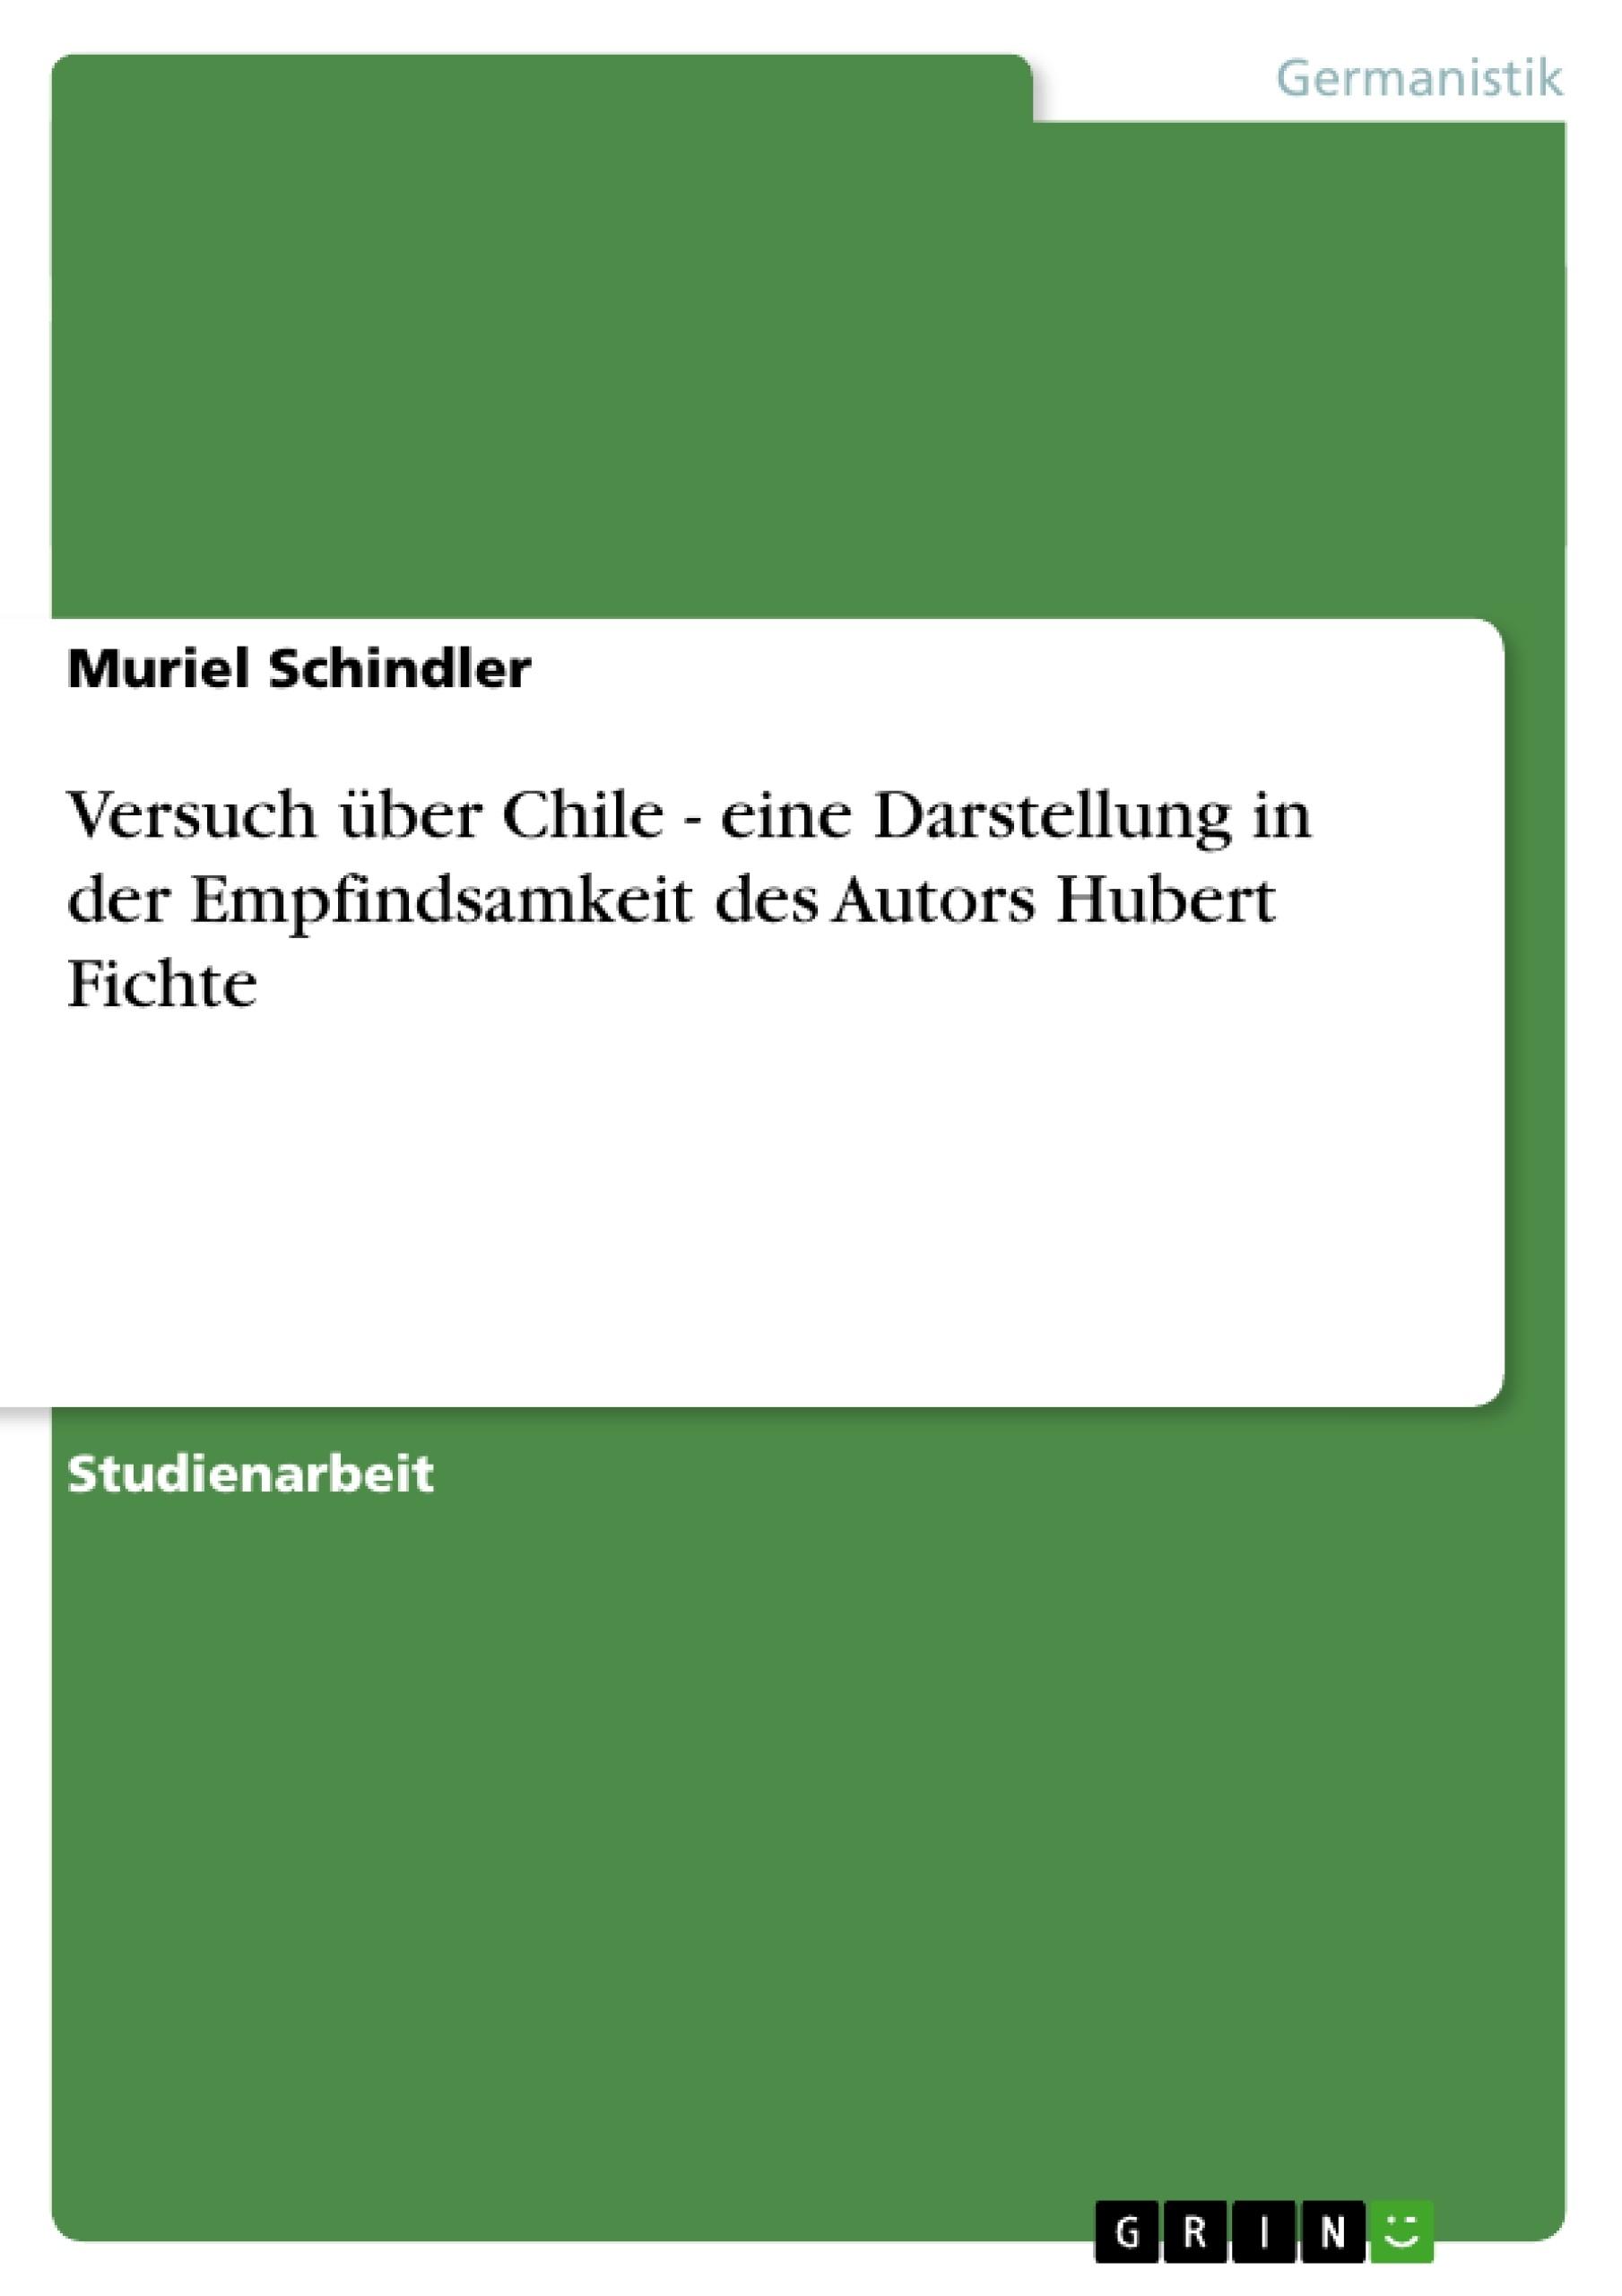 Titel: Versuch über Chile - eine Darstellung in der Empfindsamkeit des Autors Hubert Fichte